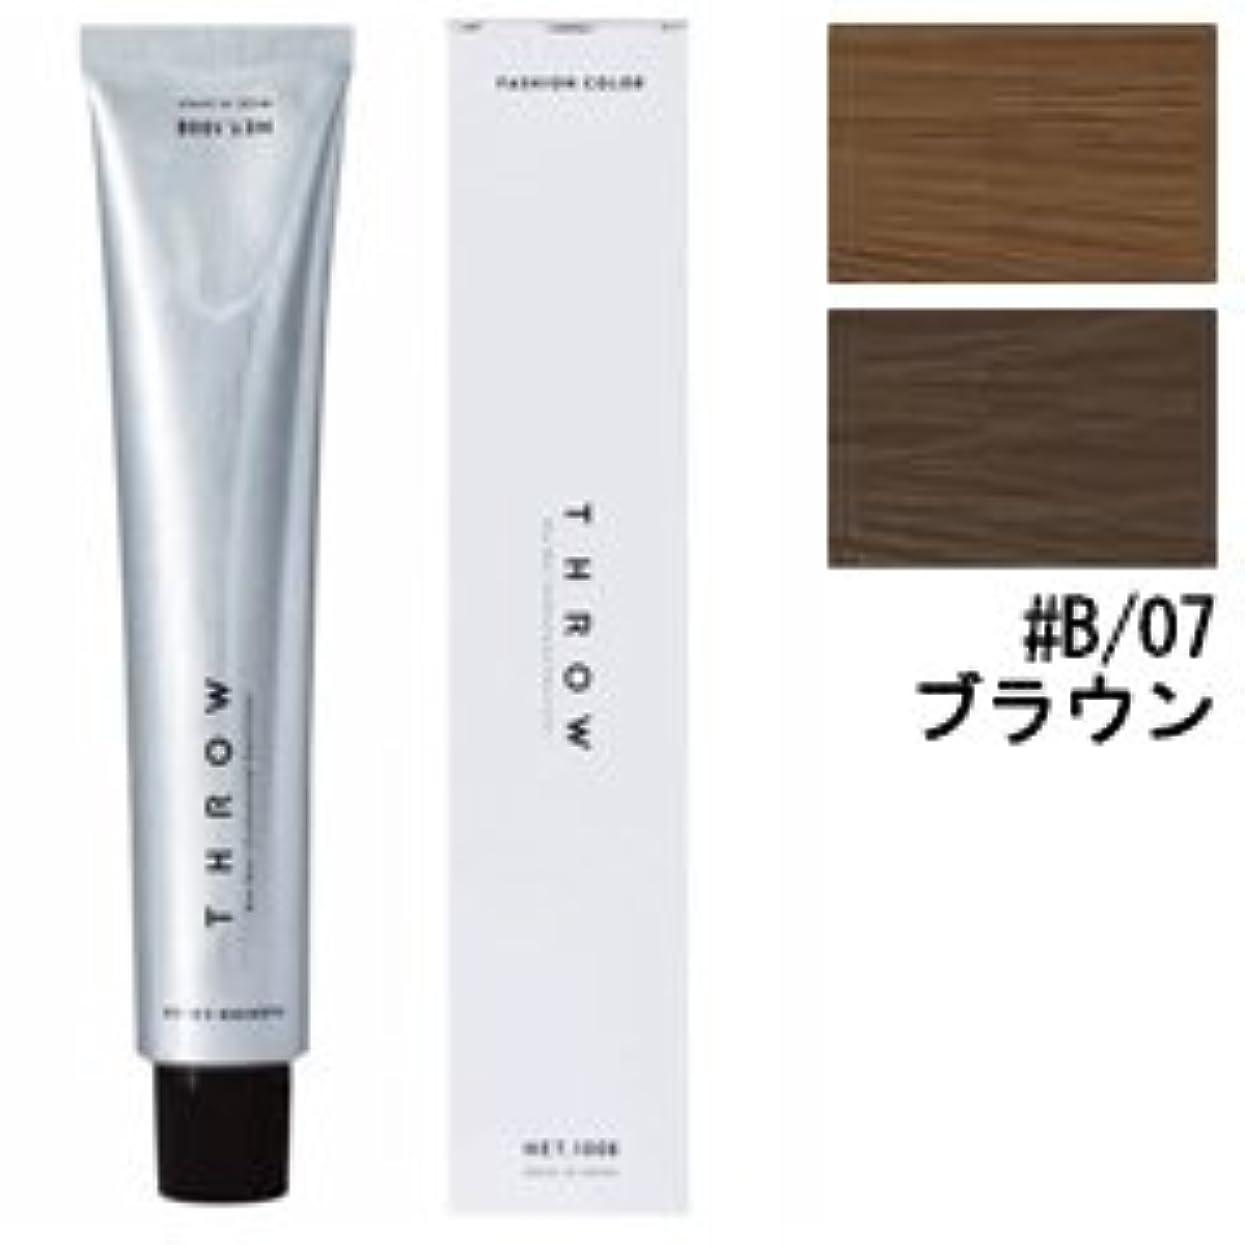 リスト狂った色合い【モルトベーネ】スロウ ファッションカラー #B/07 ブラウン 100g